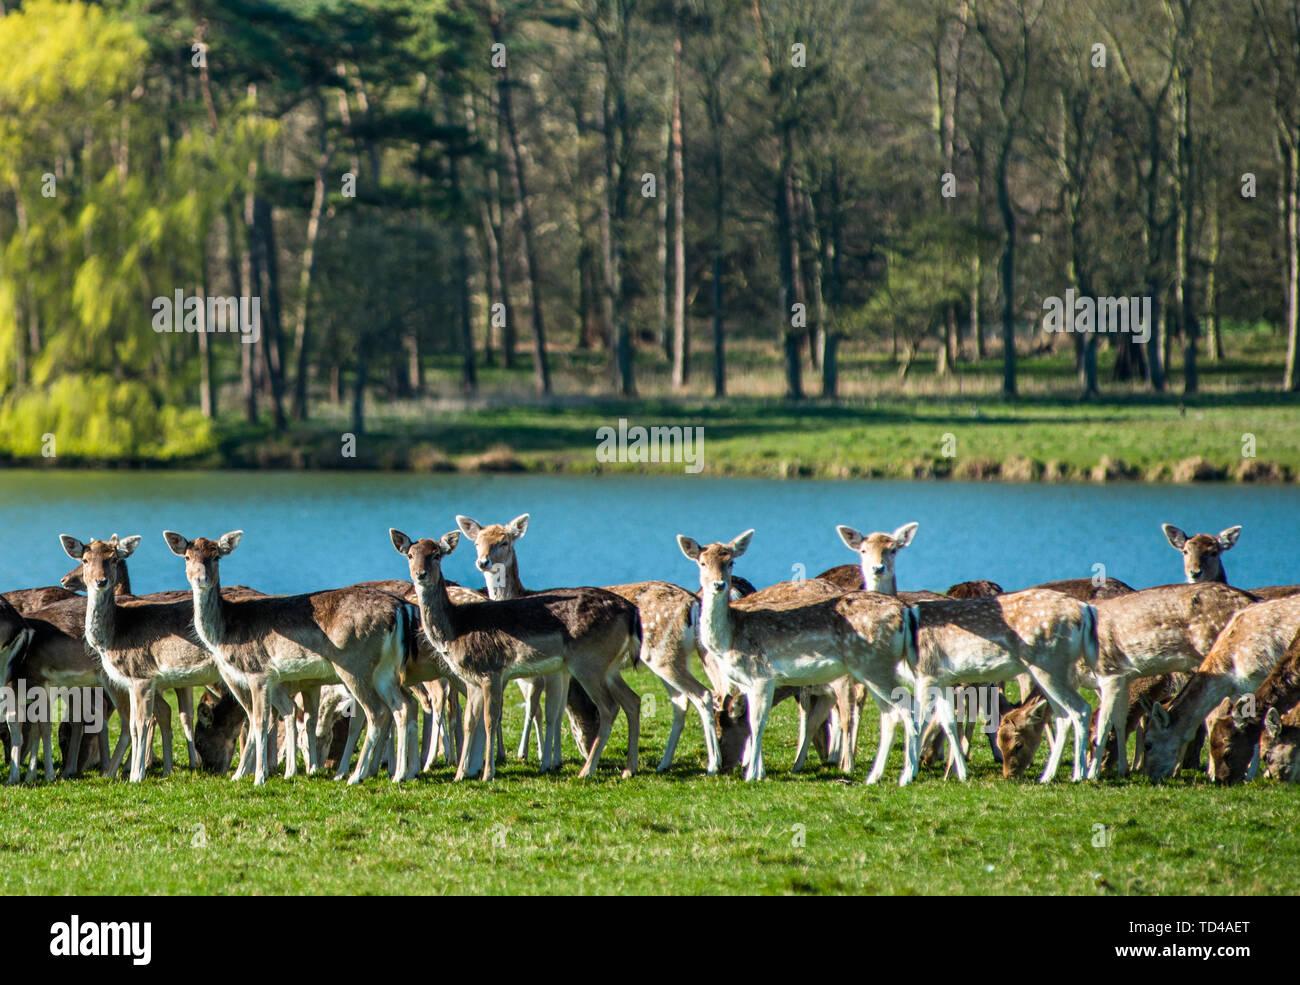 Brachland in der Nähe des Sees bei Holkham Park, in der Nähe der Küste von Norfolk, Norfolk, East Anglia, England, Vereinigtes Königreich, Europa Stockfoto